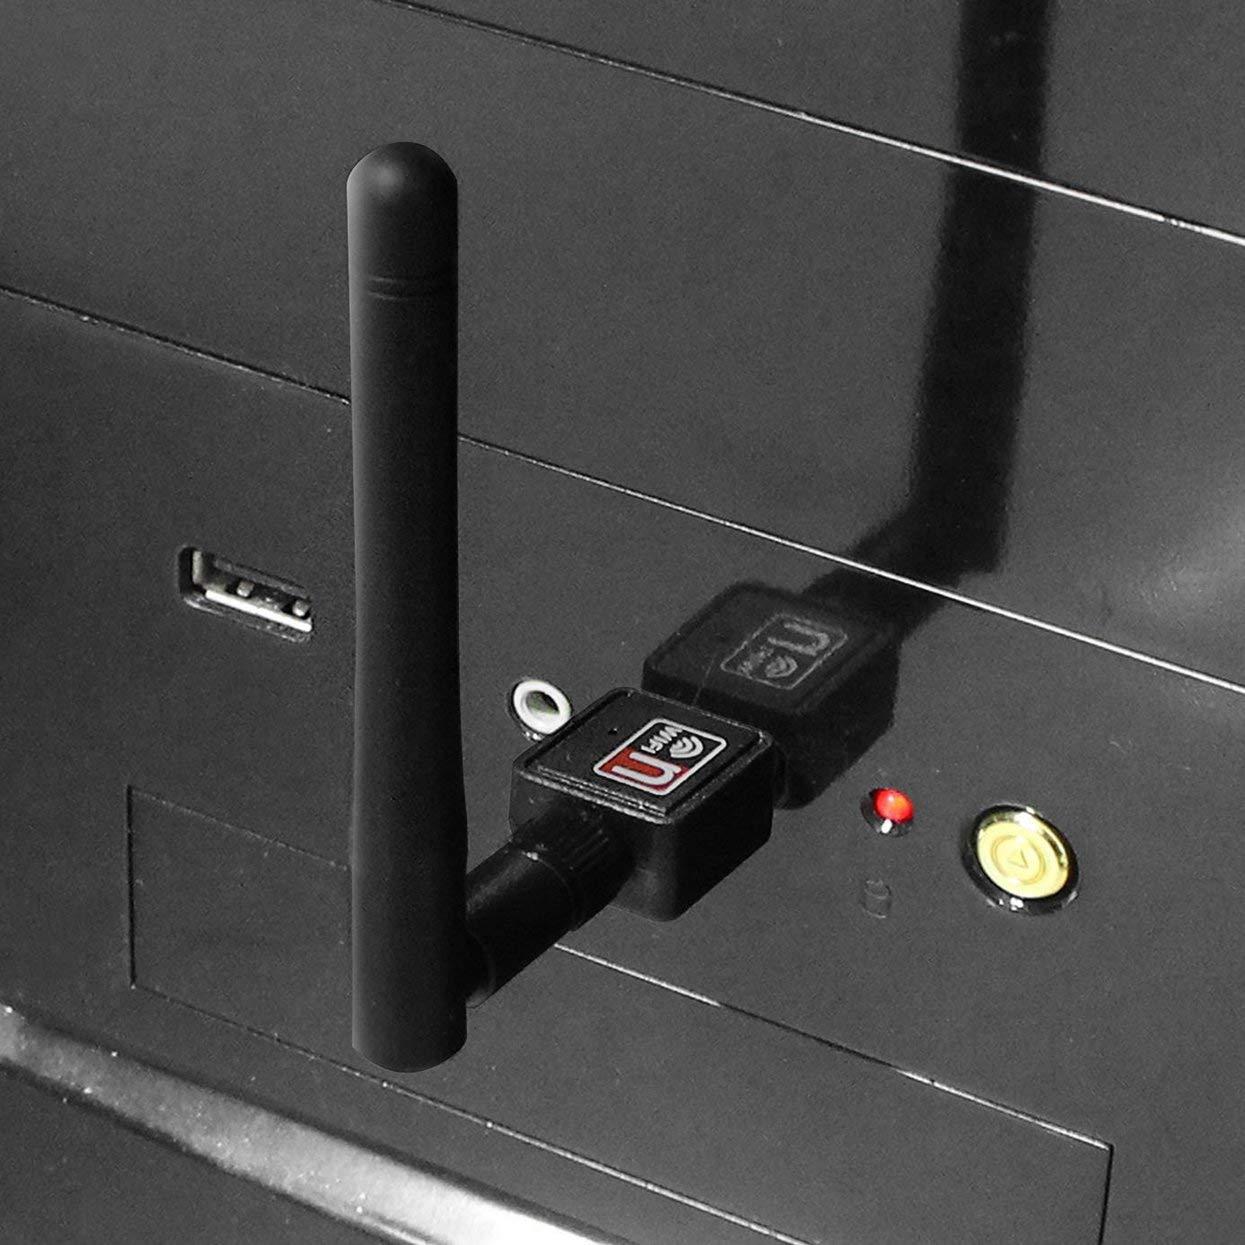 g//b pour Ordinateur PC Tree-on-Life Adaptateur WiFi Externe USB 2.0 de 150M /à 150 Mbits//s avec antenne Mini Carte r/éseau LAN sans Fil Compatible 802.11n